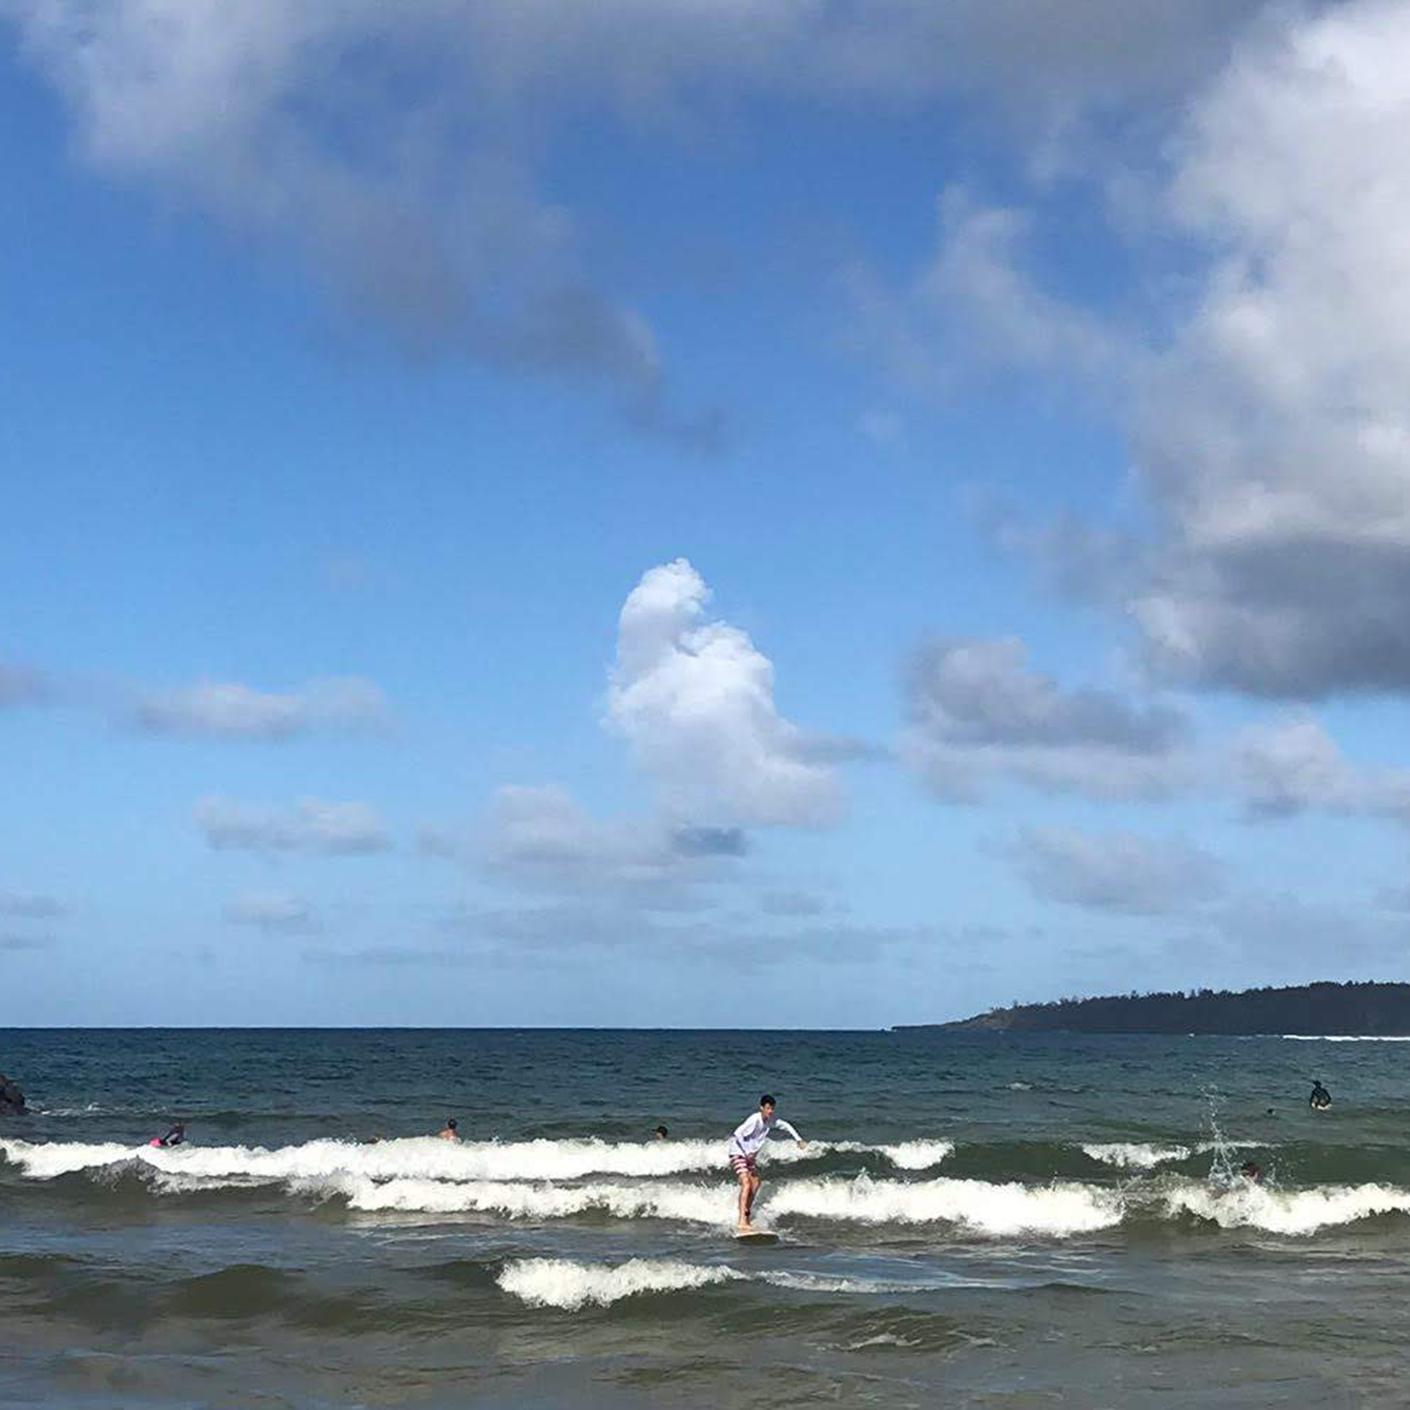 Surfing on the Hawaiian Islands trip